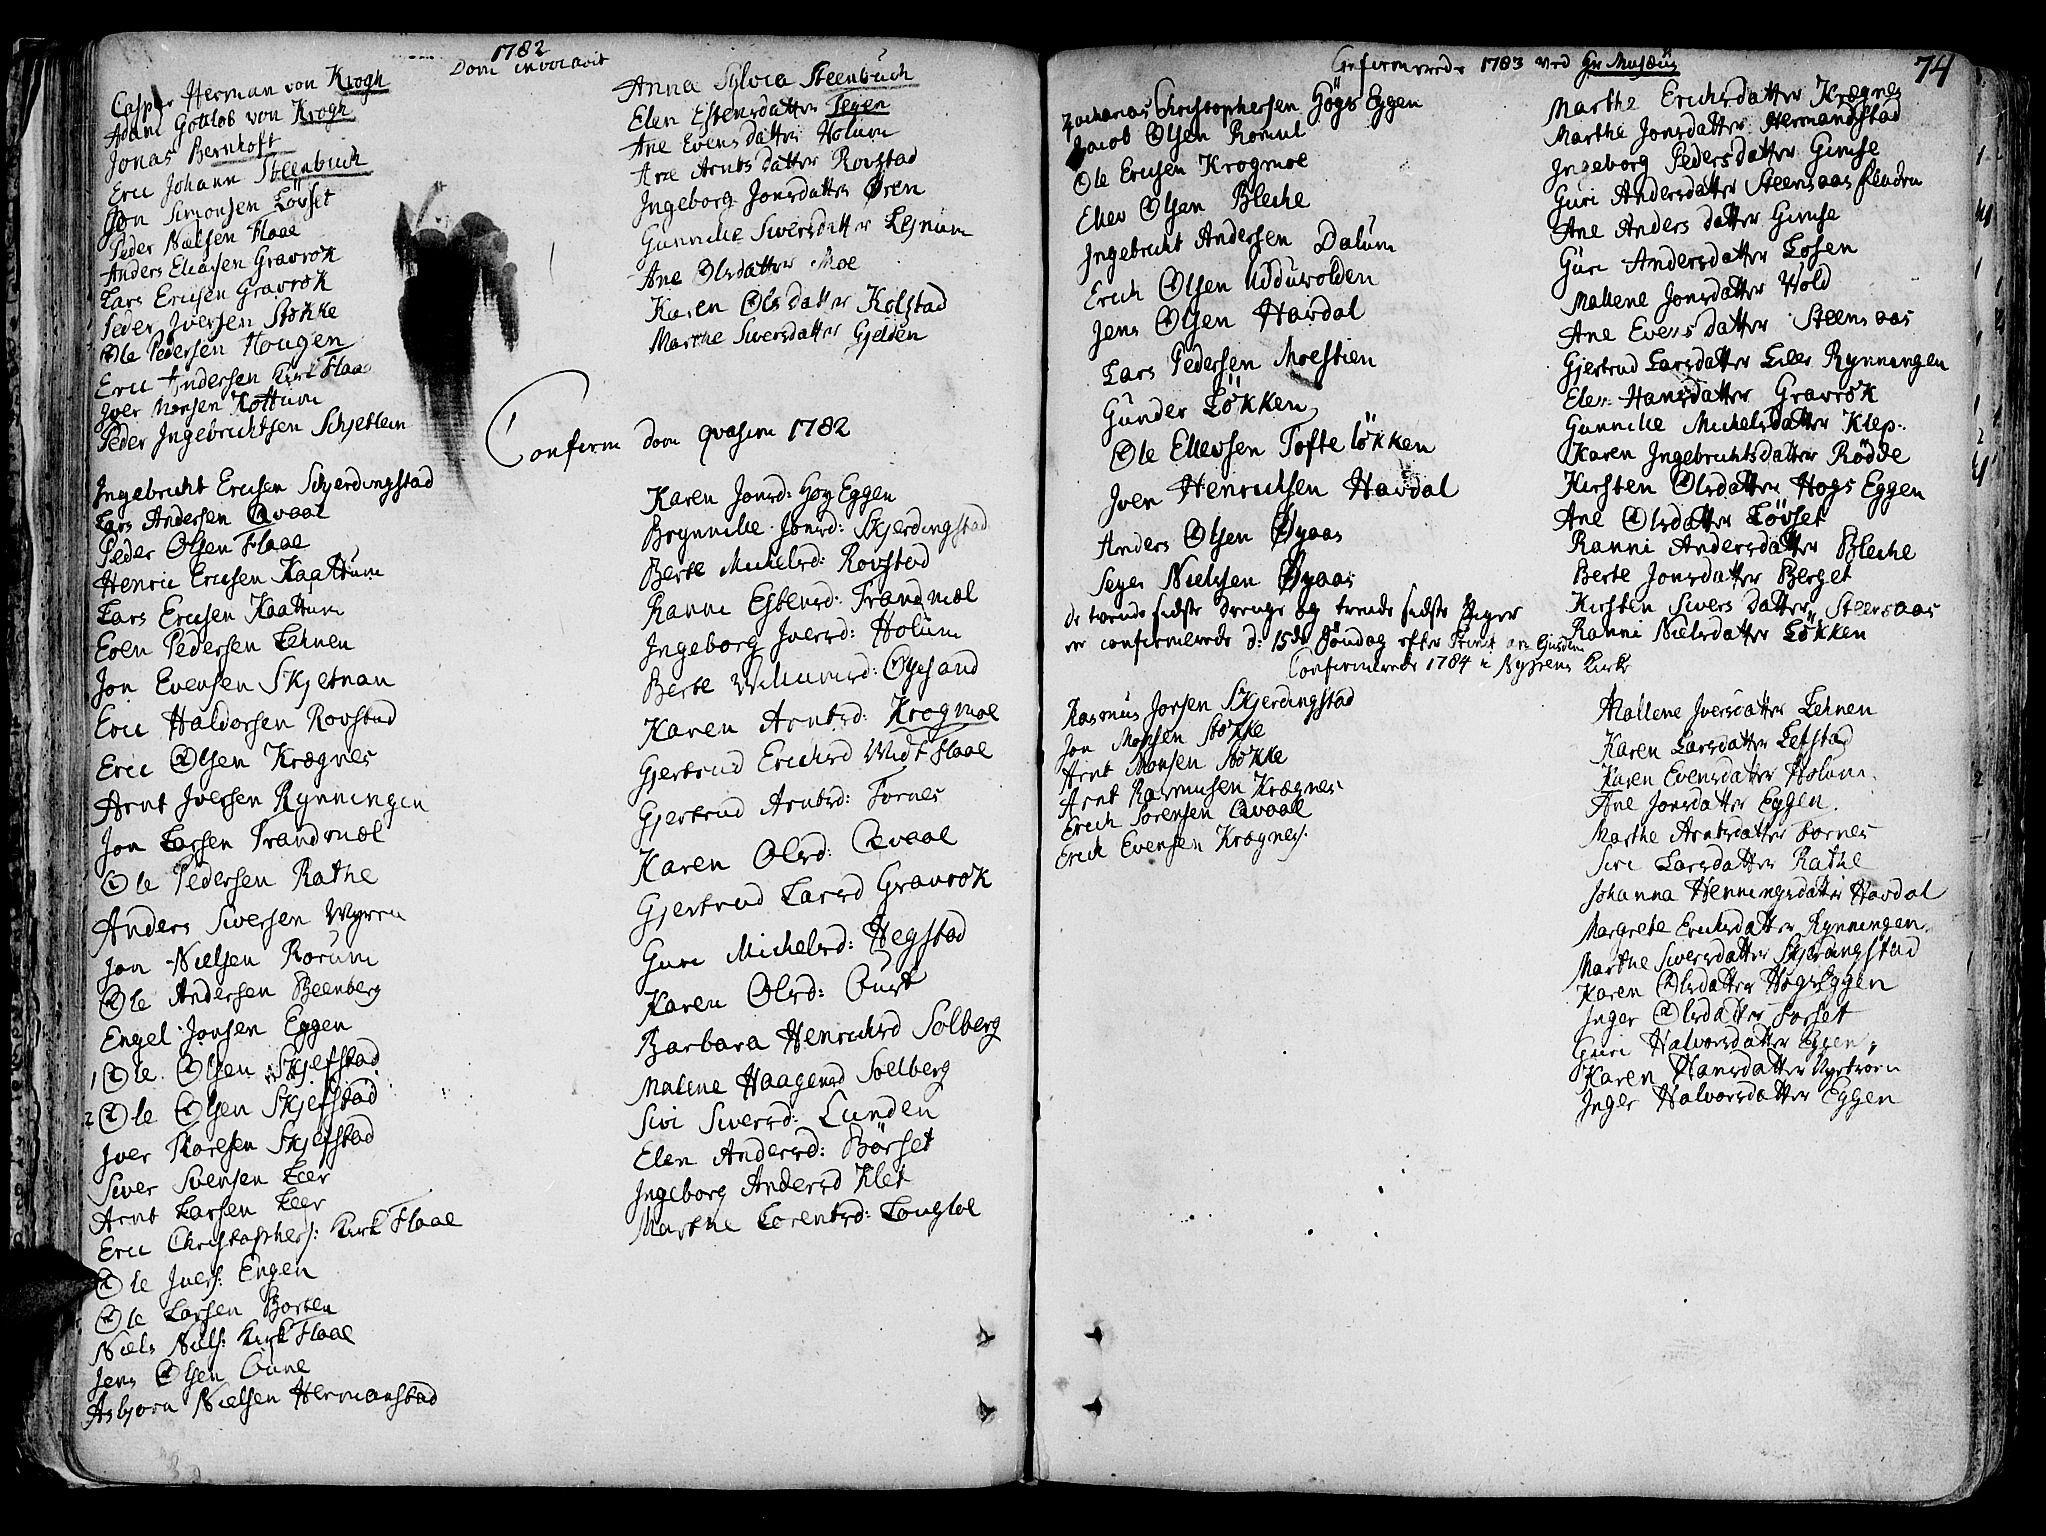 SAT, Ministerialprotokoller, klokkerbøker og fødselsregistre - Sør-Trøndelag, 691/L1061: Ministerialbok nr. 691A02 /1, 1768-1815, s. 74